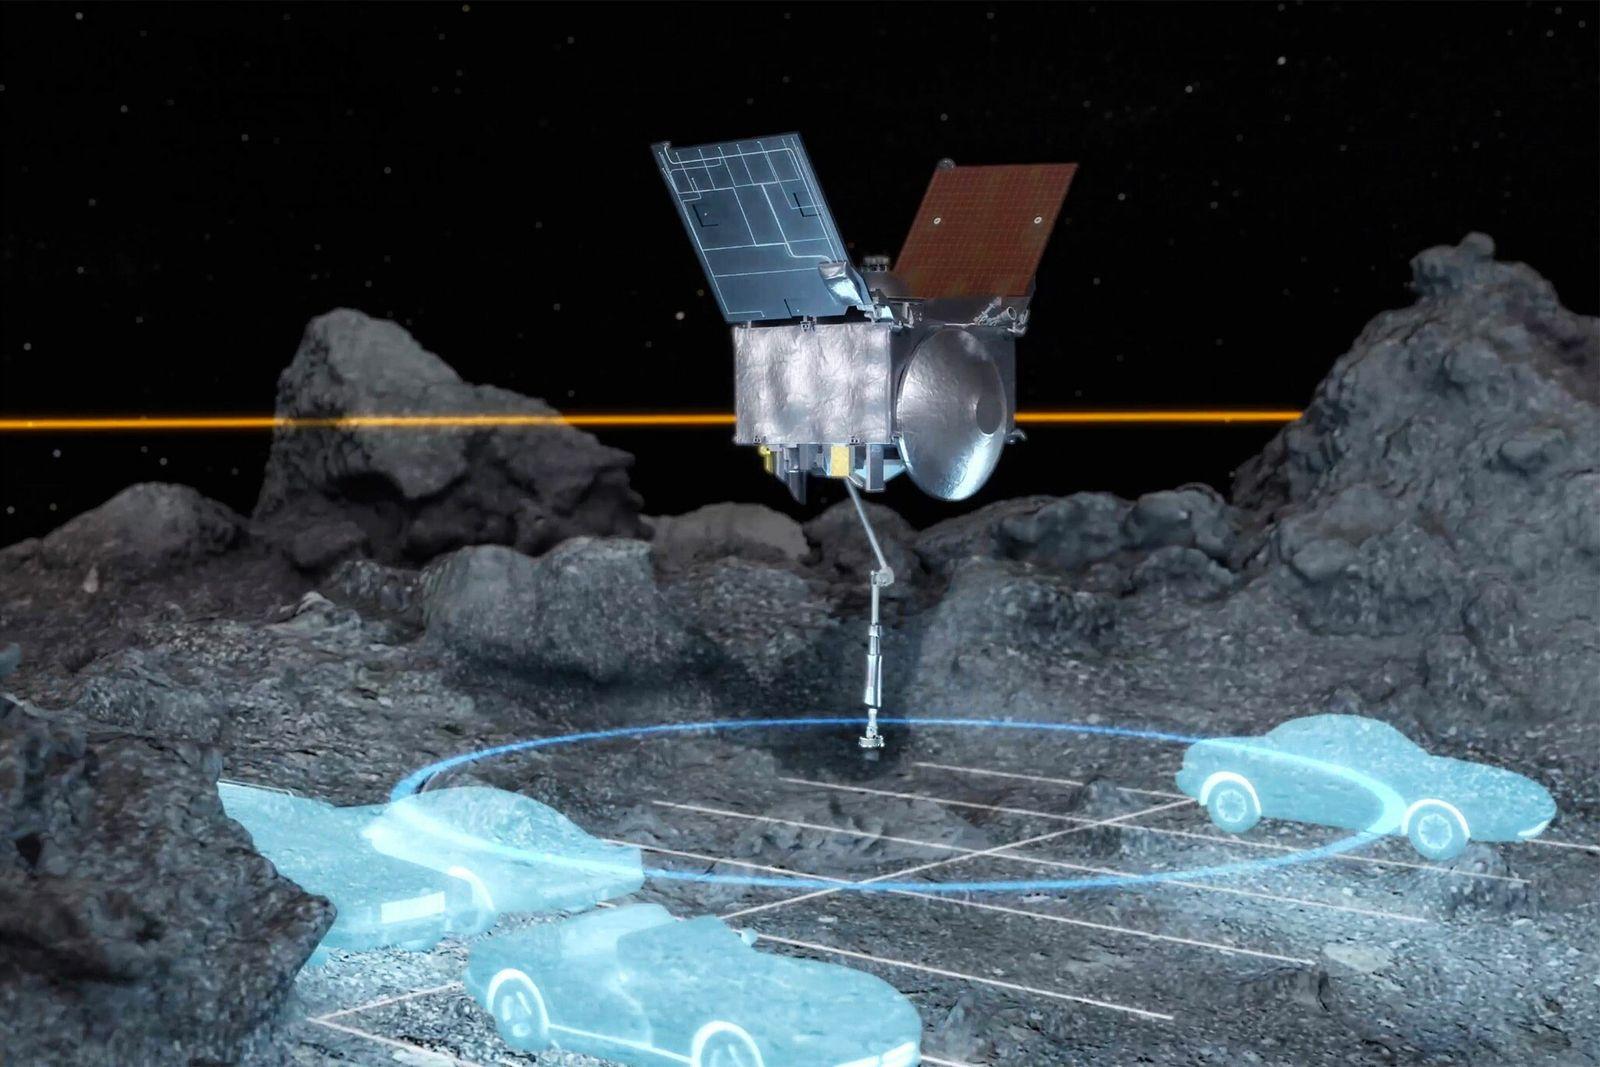 NASA: la misión OSIRIS-REx llegó al asteroide Bennu y se espera la confirmación de la toma de muestras